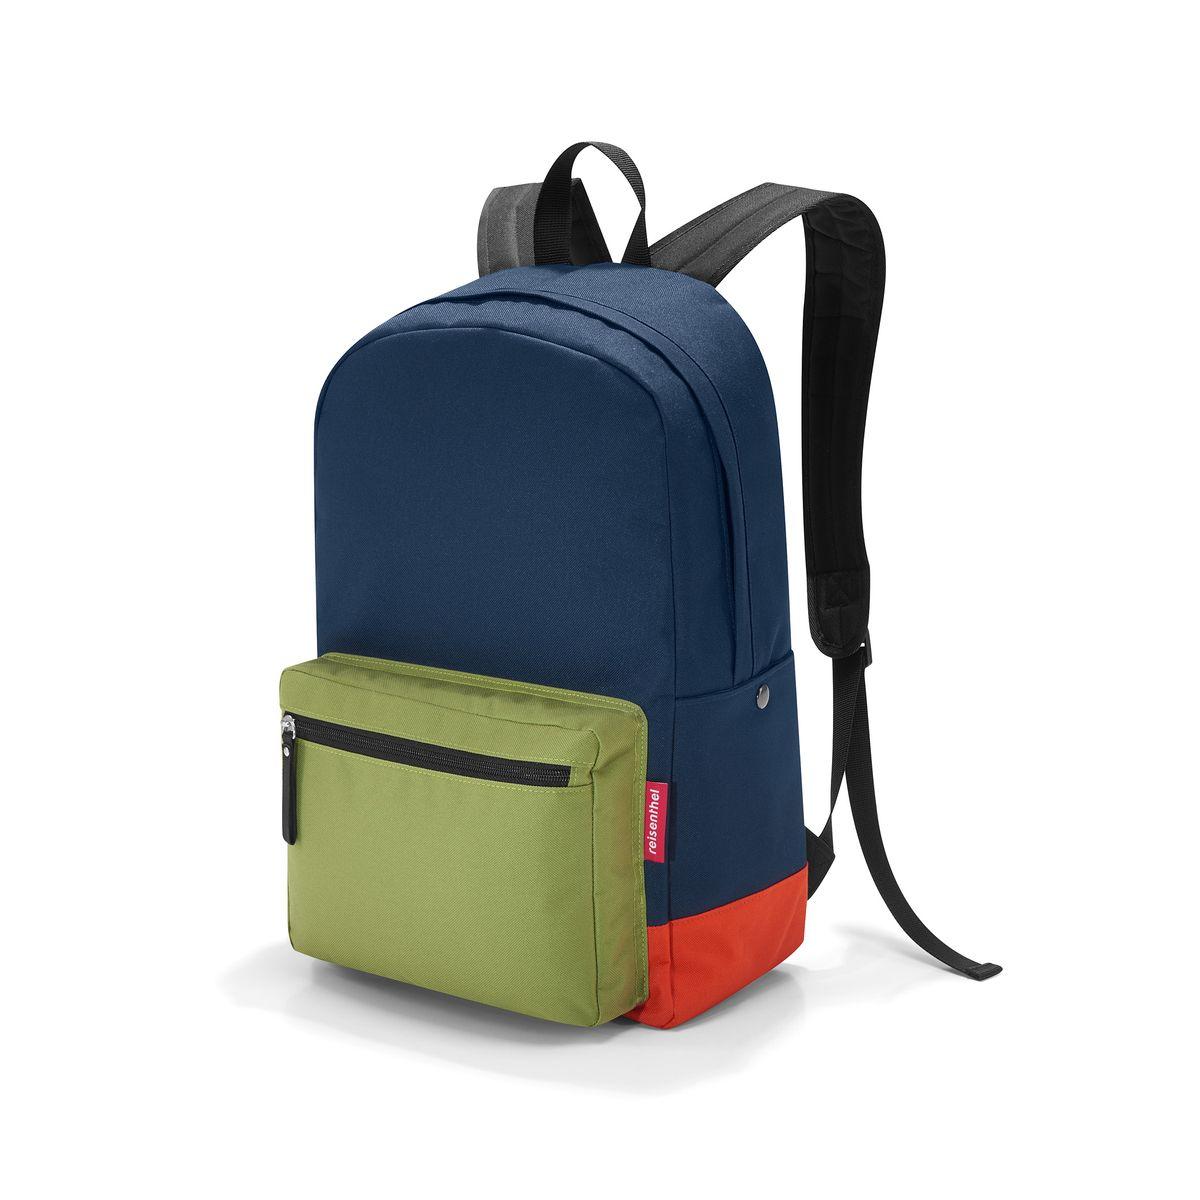 Рюкзак Reisenthel, цвет: темно-синий, болотный, оранжевый. TA4042TA4042Стильный рюкзак Reisenthel выполнен из плотного полиэстера. Изделие имеет одно отделение, которое закрывается на застежку-молнию. Внутри находится карман для планшета и прорезной карман на застежке-молнии. Снаружи, на передней стенке находится накладной объемный карман на застежке-молнии. По бокам расположены накладные карманы на кнопках. Уплотненная спинка обеспечивает комфорт при переноске изделия. Рюкзак оснащен удобными анатомическими лямками, которые регулируются по длине, и текстильной ручкой. Стильный рюкзак Reisenthel станет незаменимым в повседневной жизни. Это не только удобный предмет для переноски вещей, но и модный аксессуар.